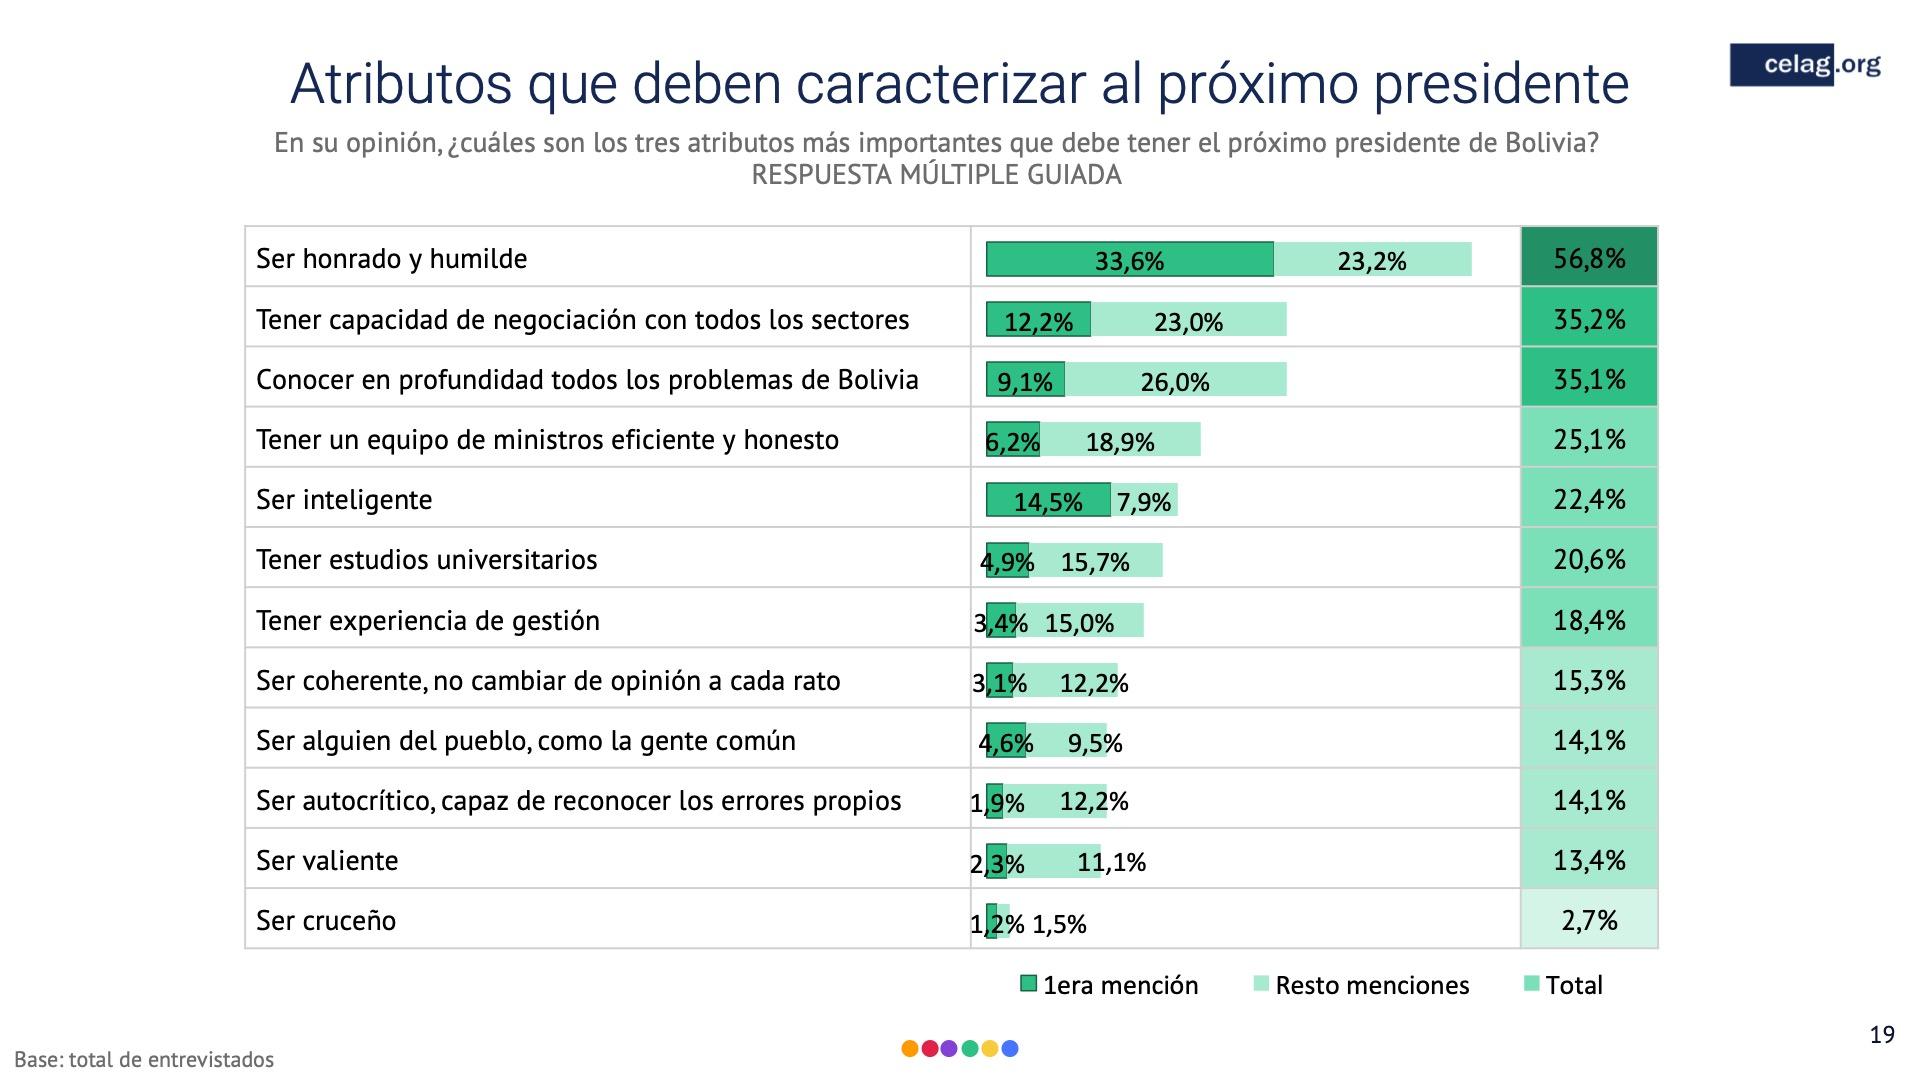 19 Elecciones bolivia Atributos que deben caracterizar al proximo presidente